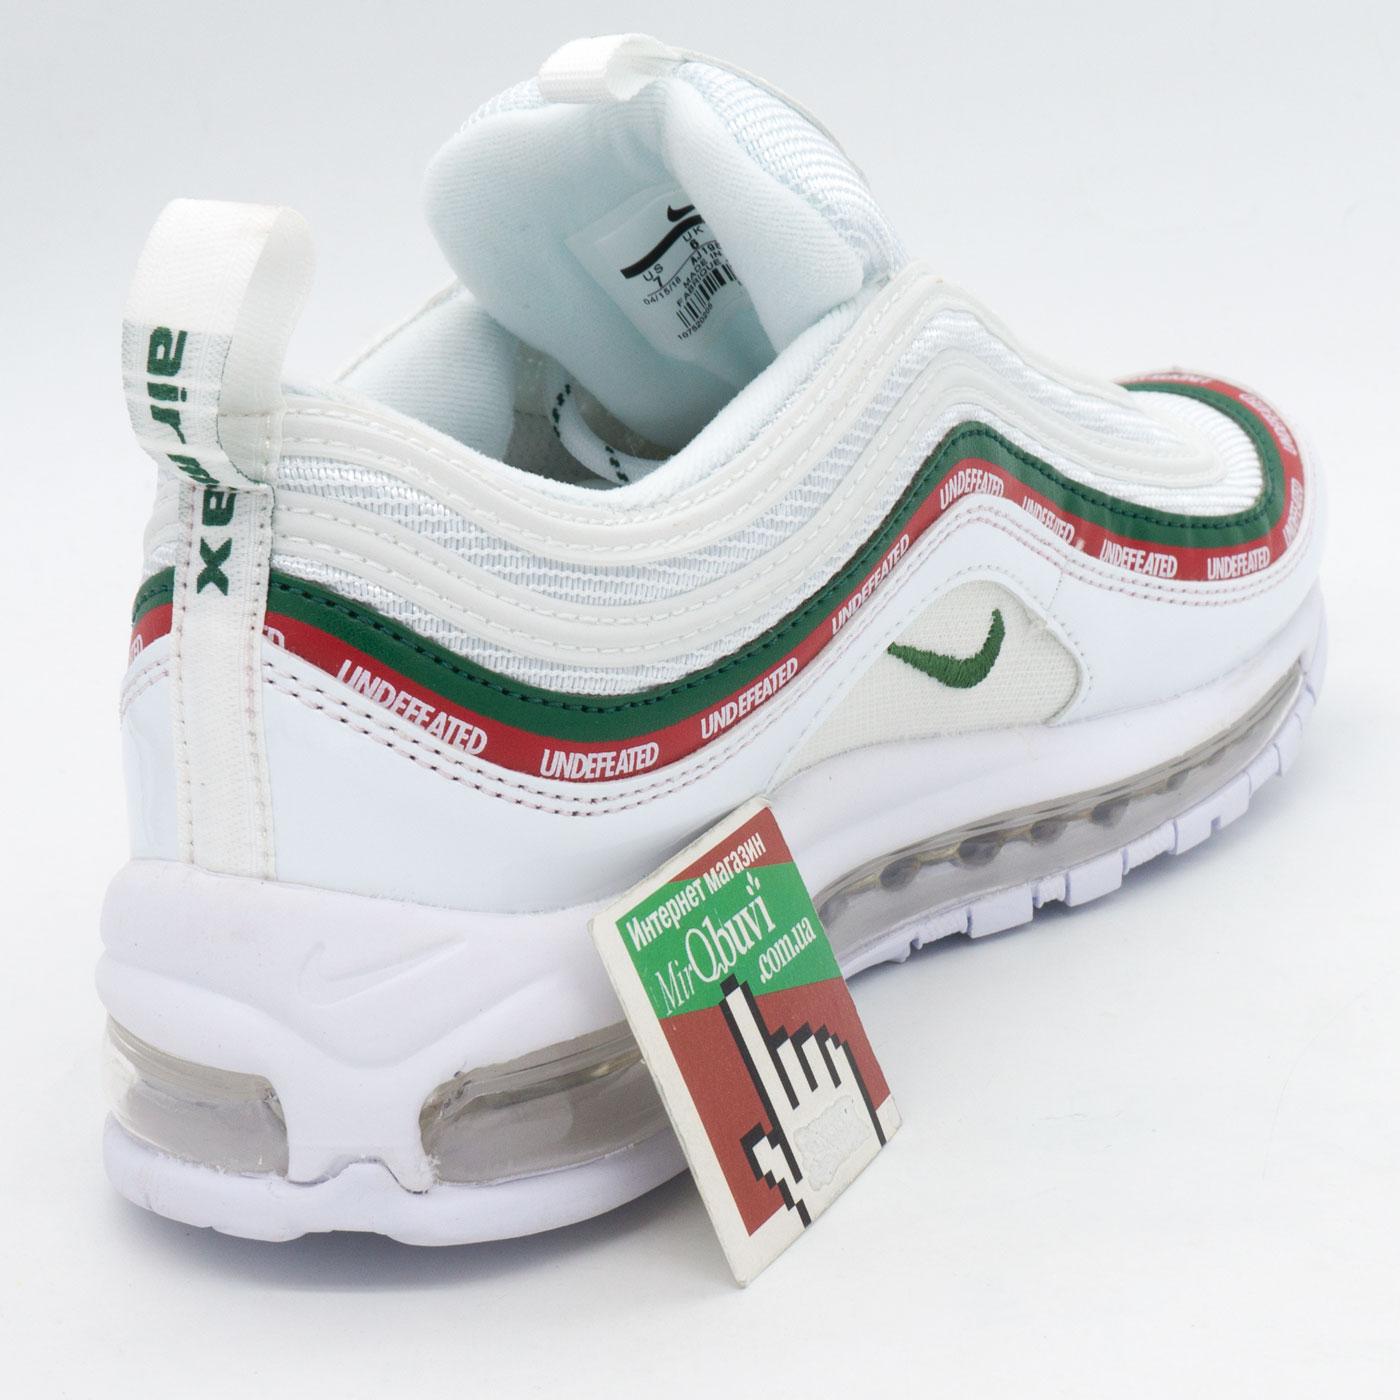 фото back Белые кроссовки Nike air max 97 UNDFTD. Топ качество! back